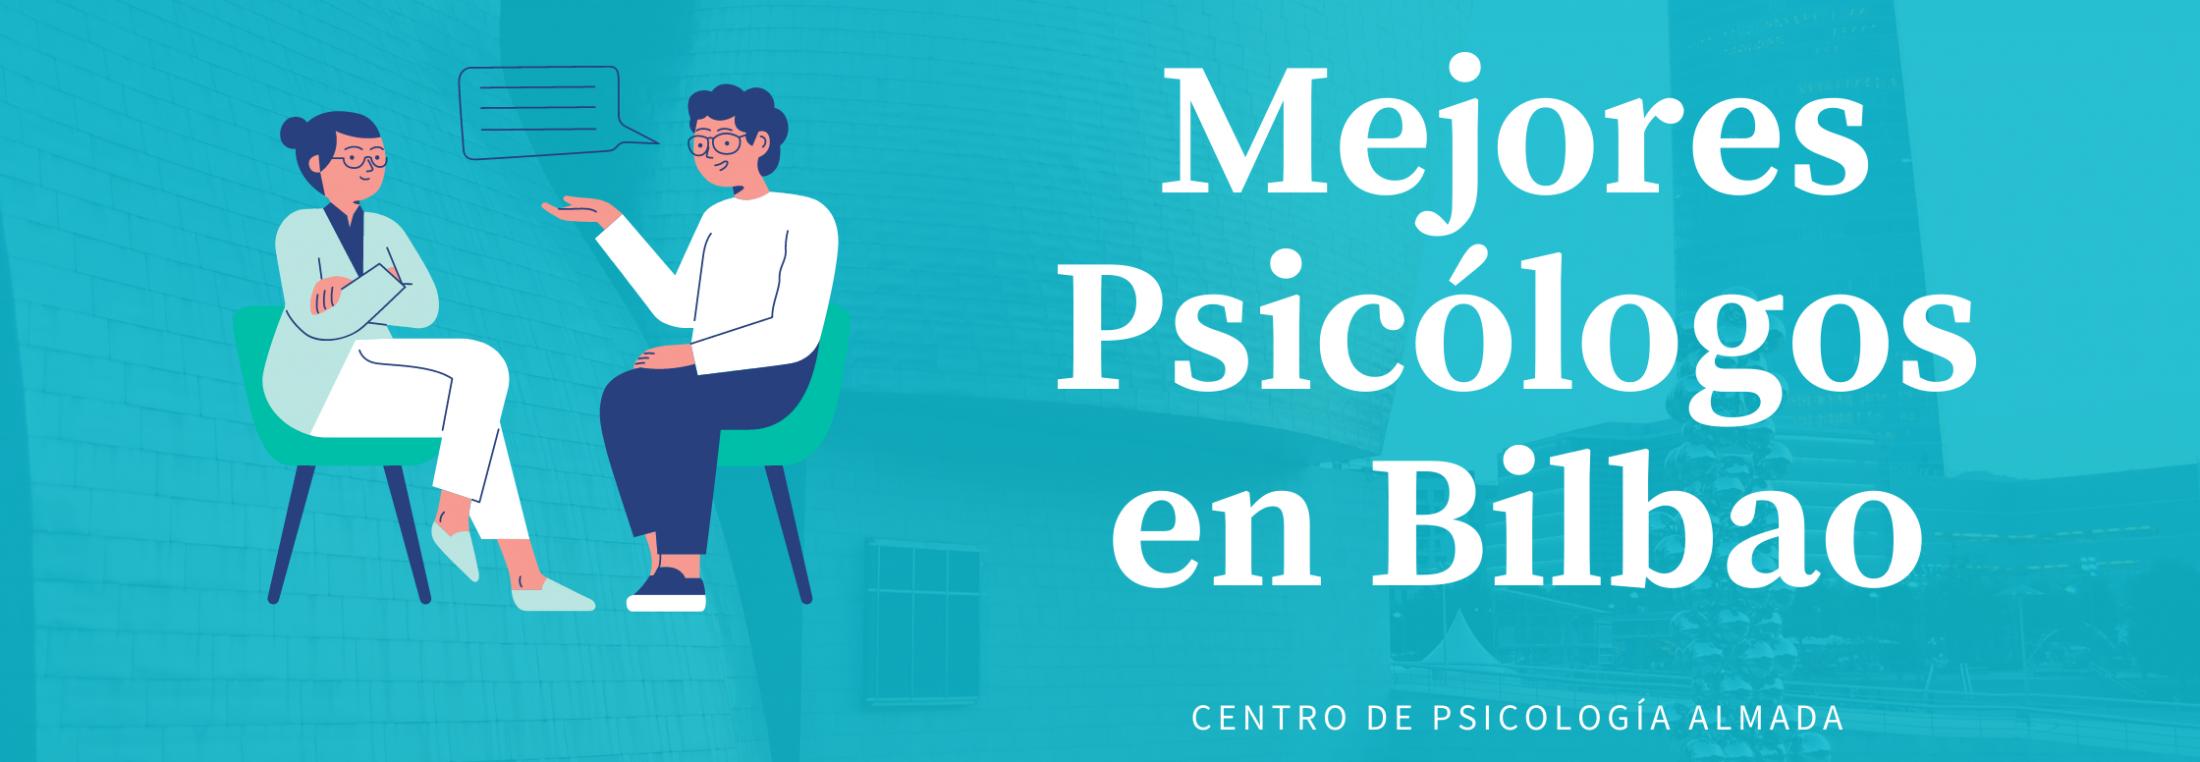 mejores psicologos bilbao